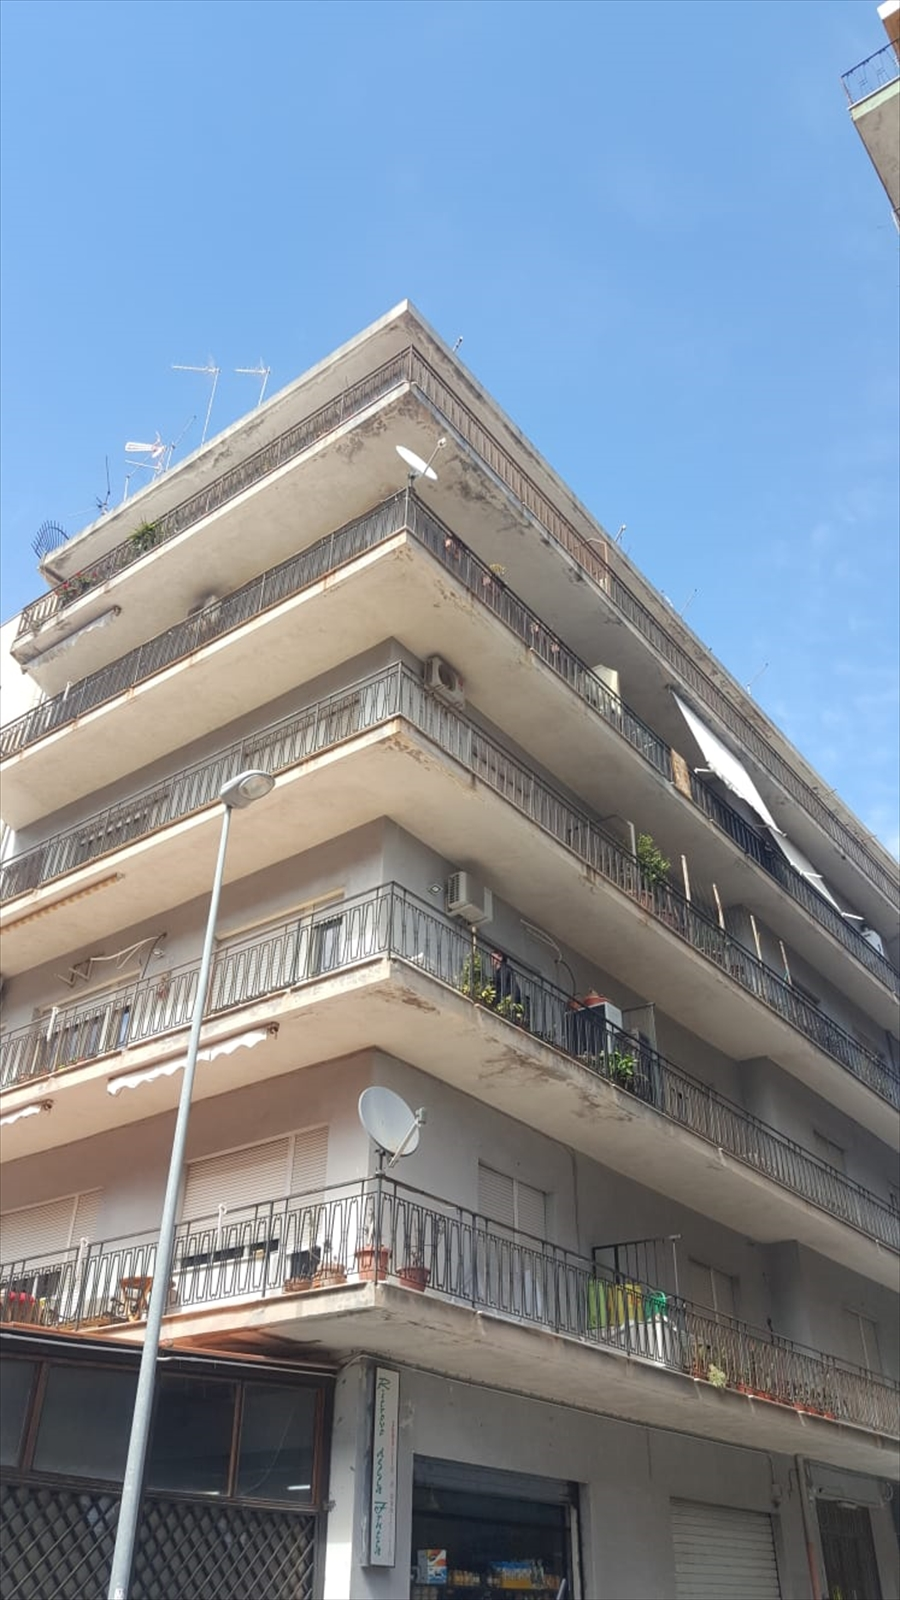 Appartamento in vendita a Reggio Calabria, 3 locali, prezzo € 67.000 | CambioCasa.it